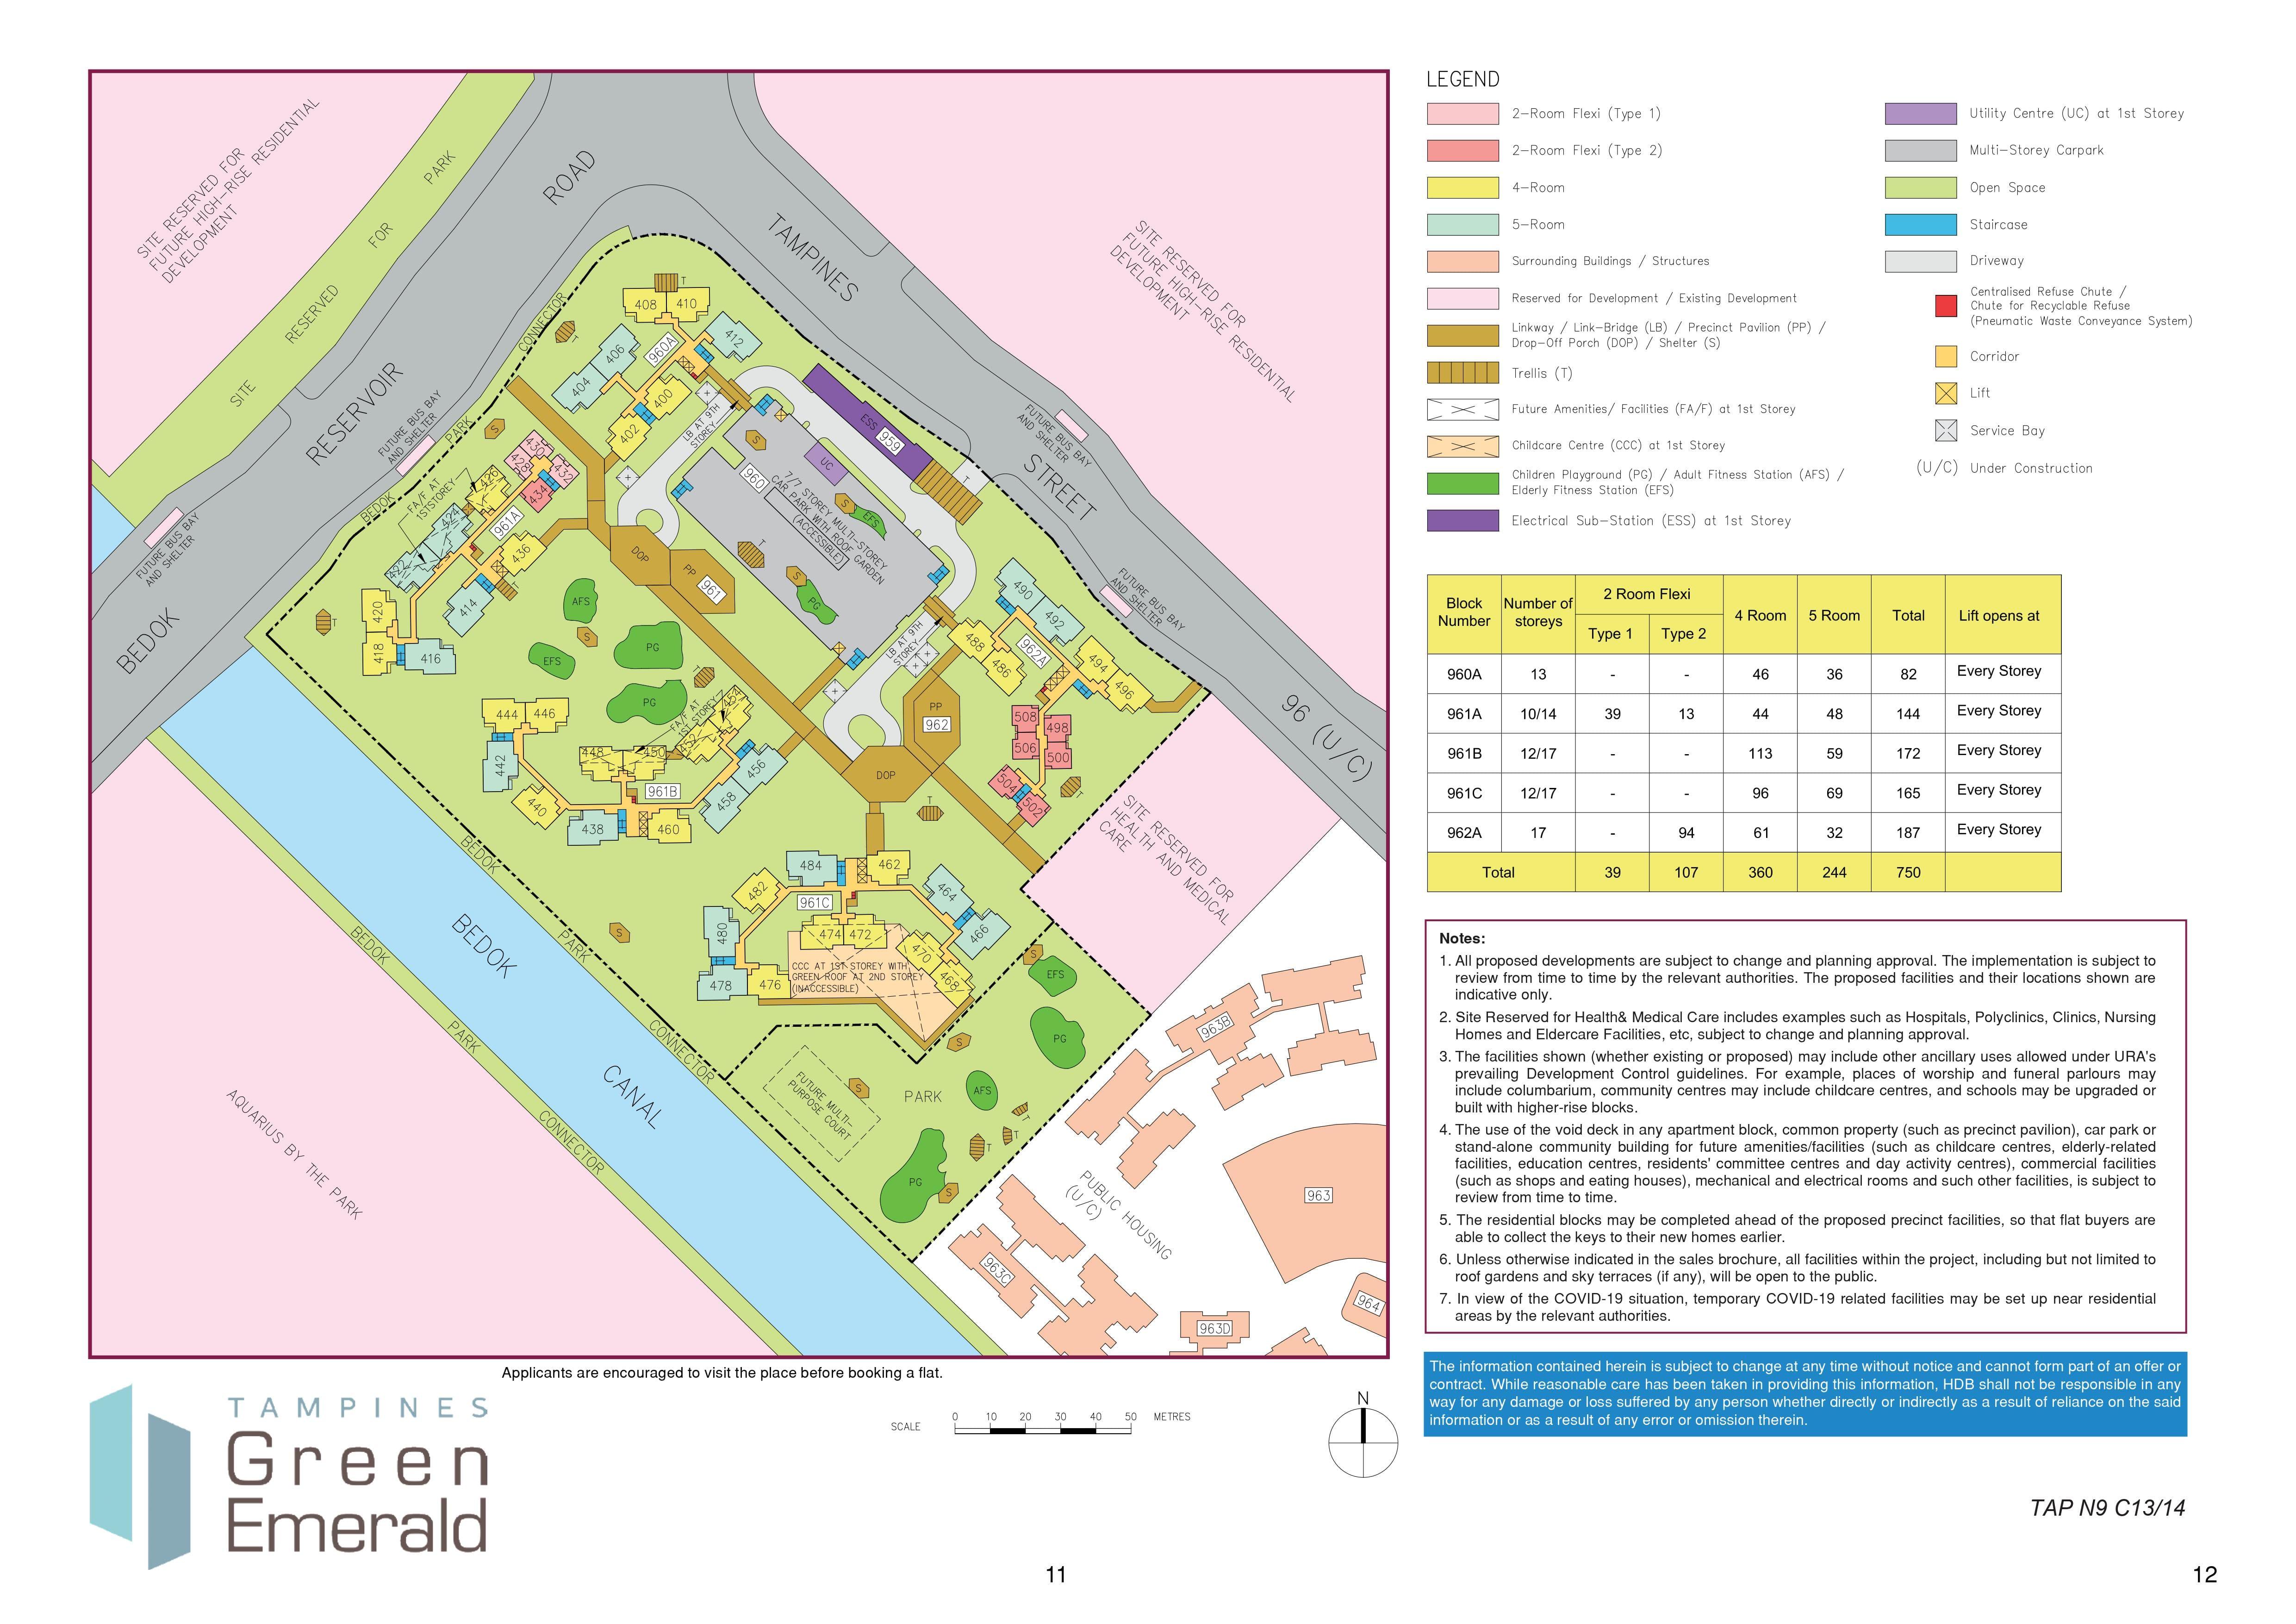 Tampines GreenEmerald Site Plan